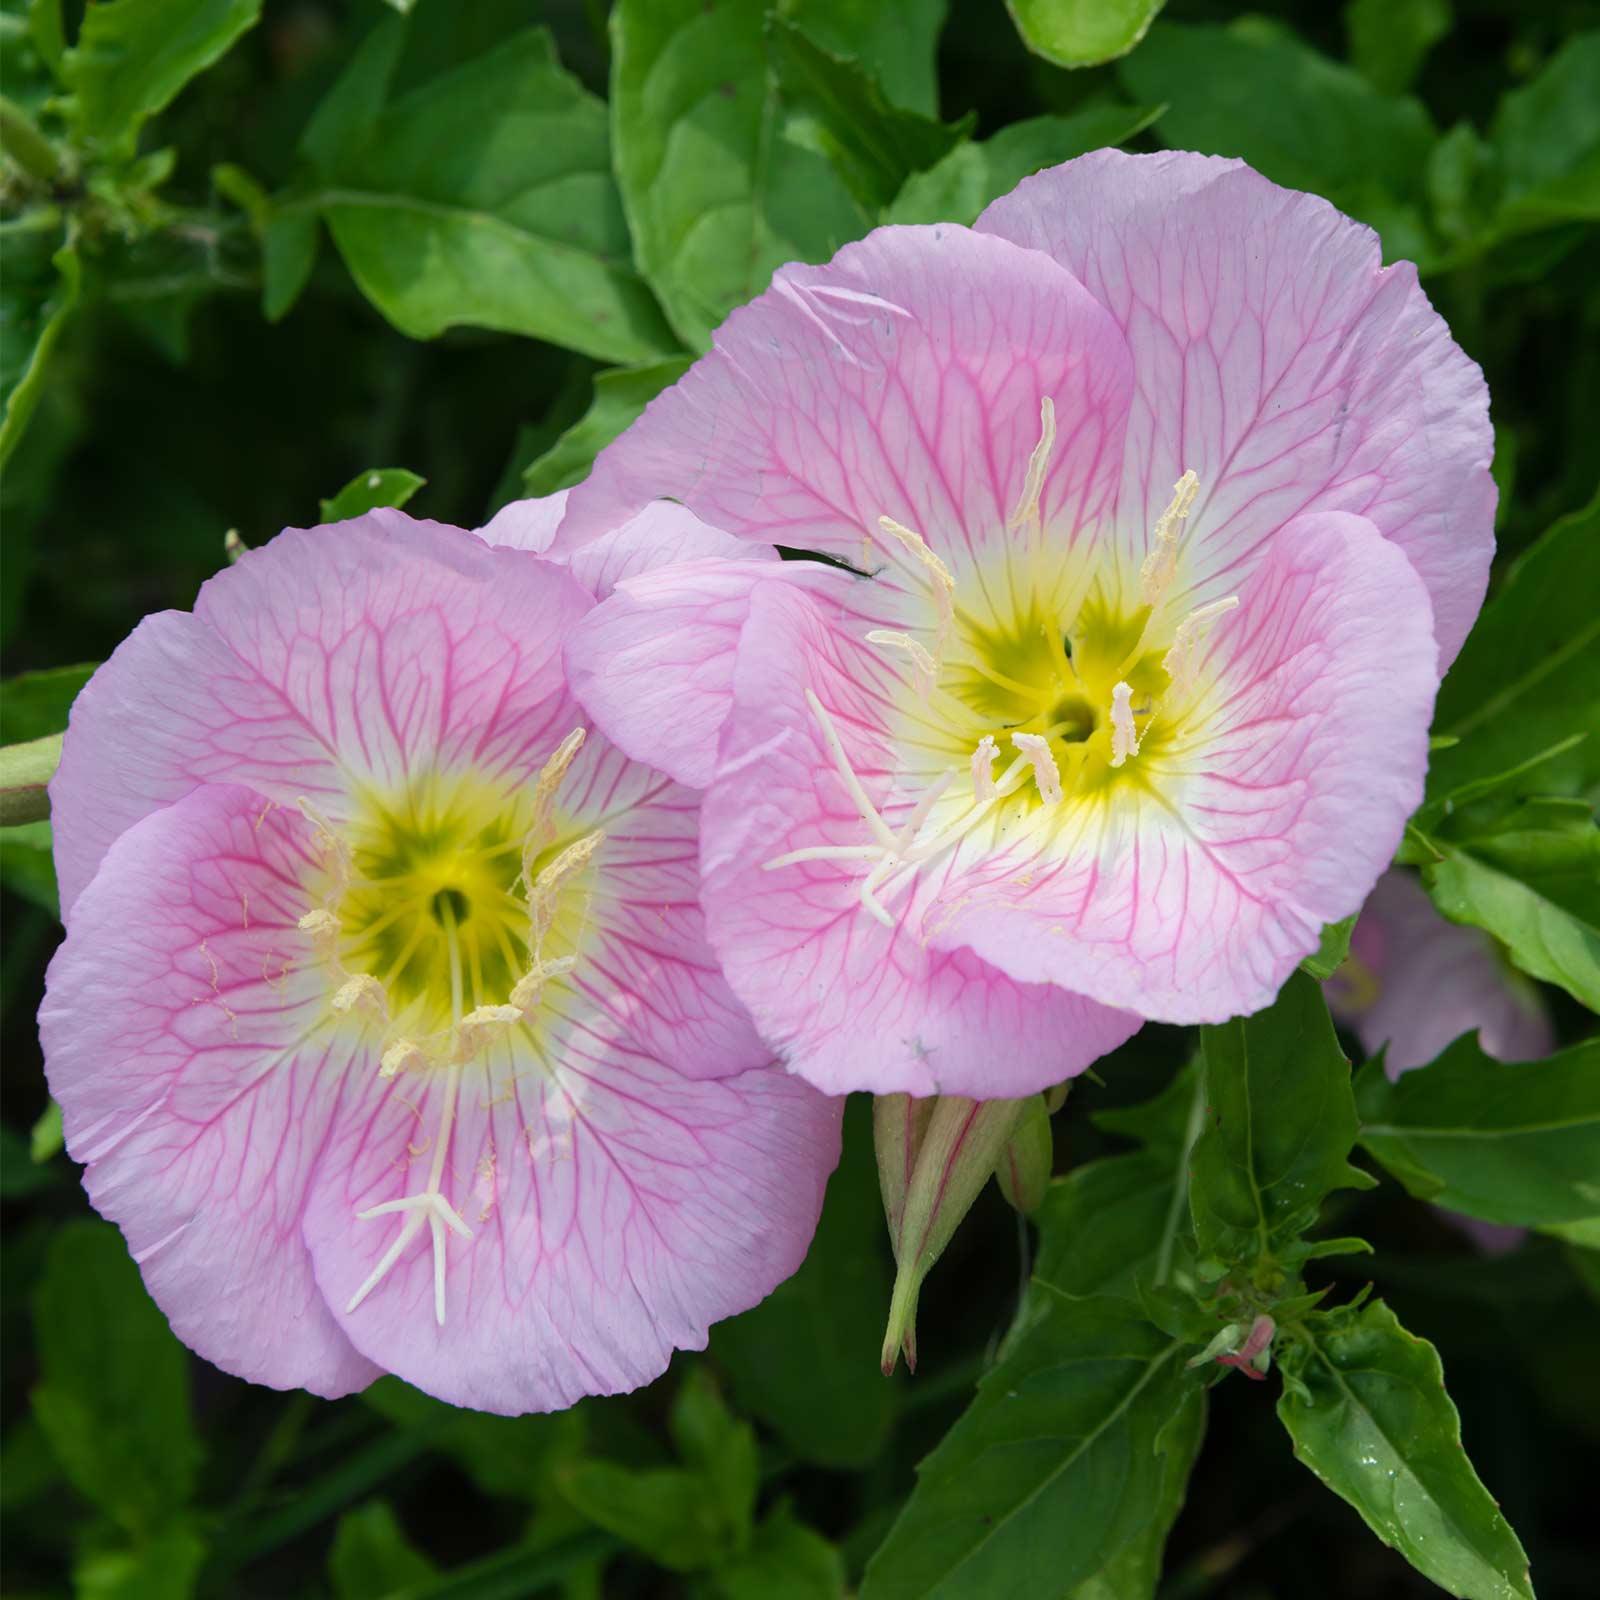 Showy Evening Primrose Wildflower Gardening Seeds 4 Oz Wild